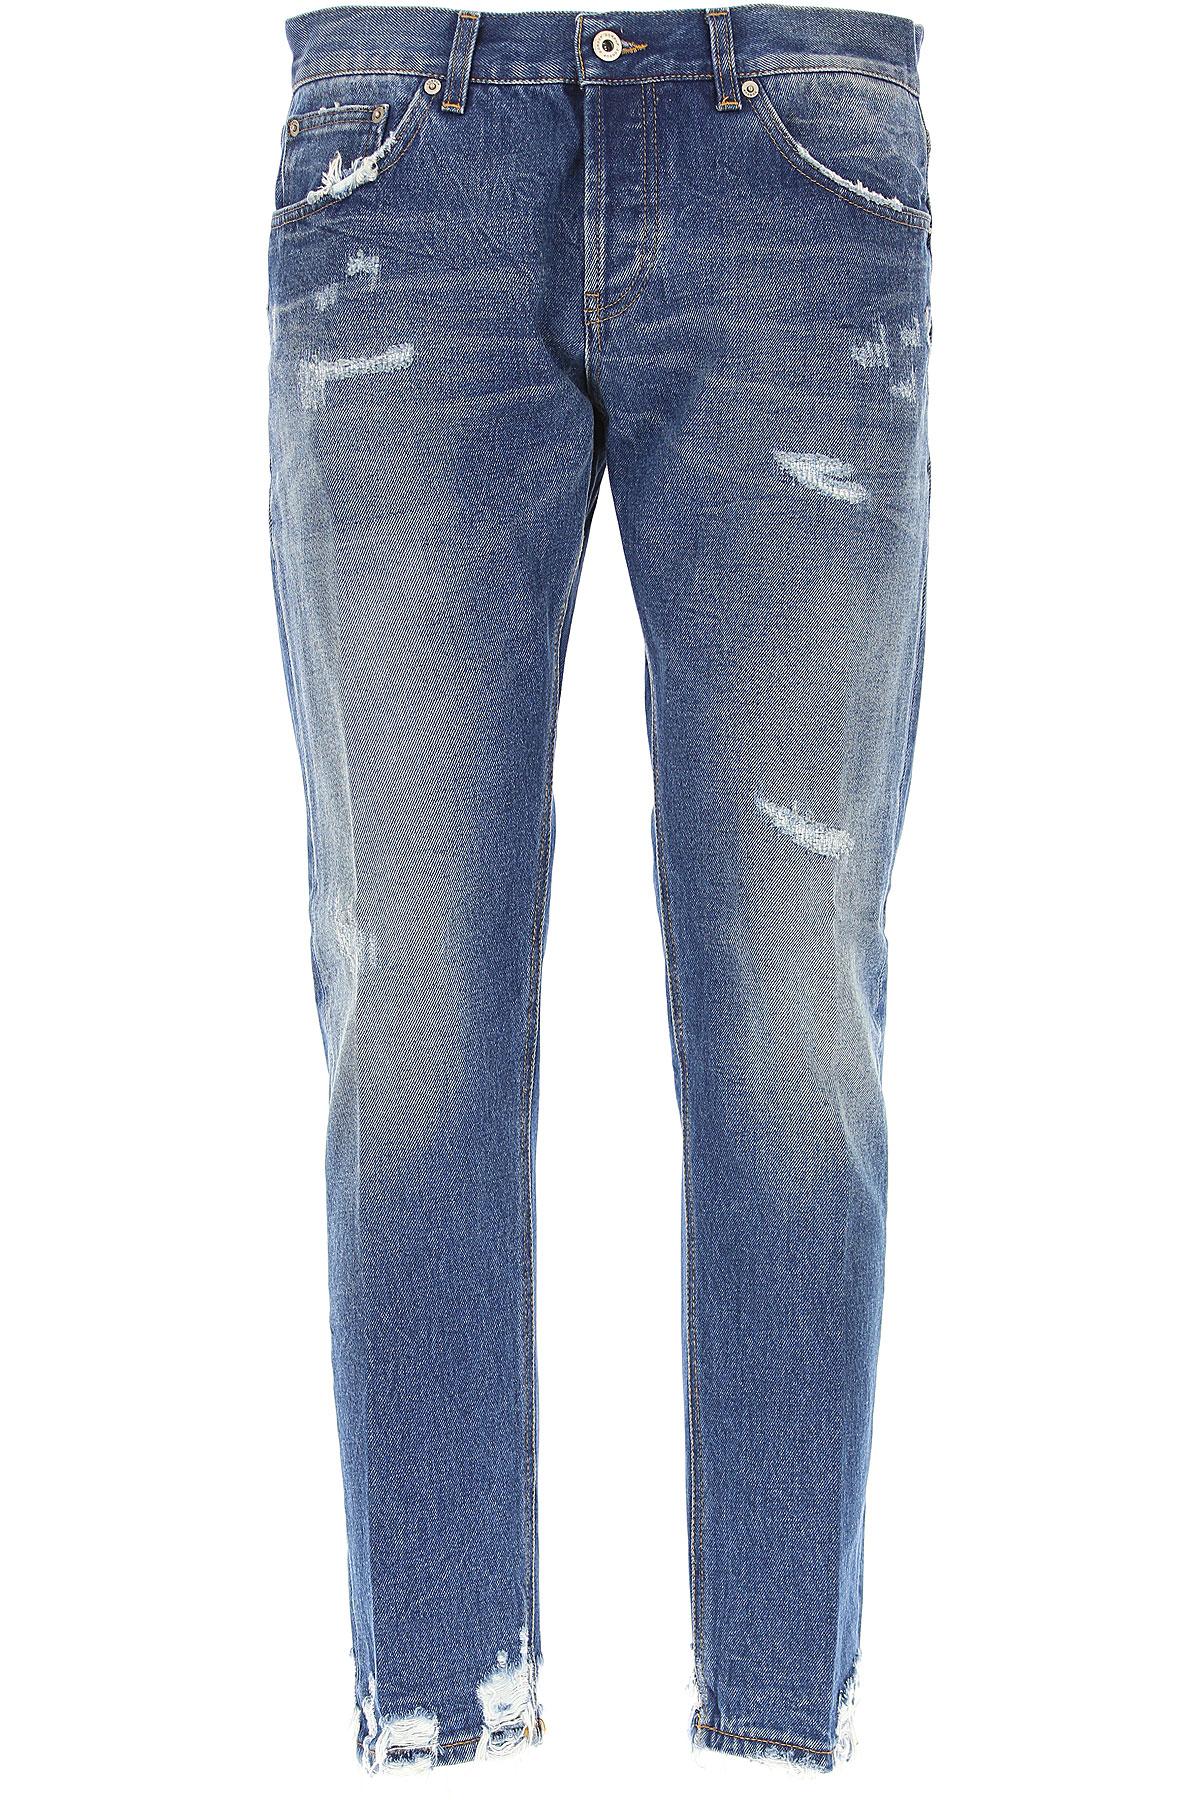 Dondup Jeans On Sale, Denim Blue, Cotton, 2017, 30 32 33 34 35 36 38